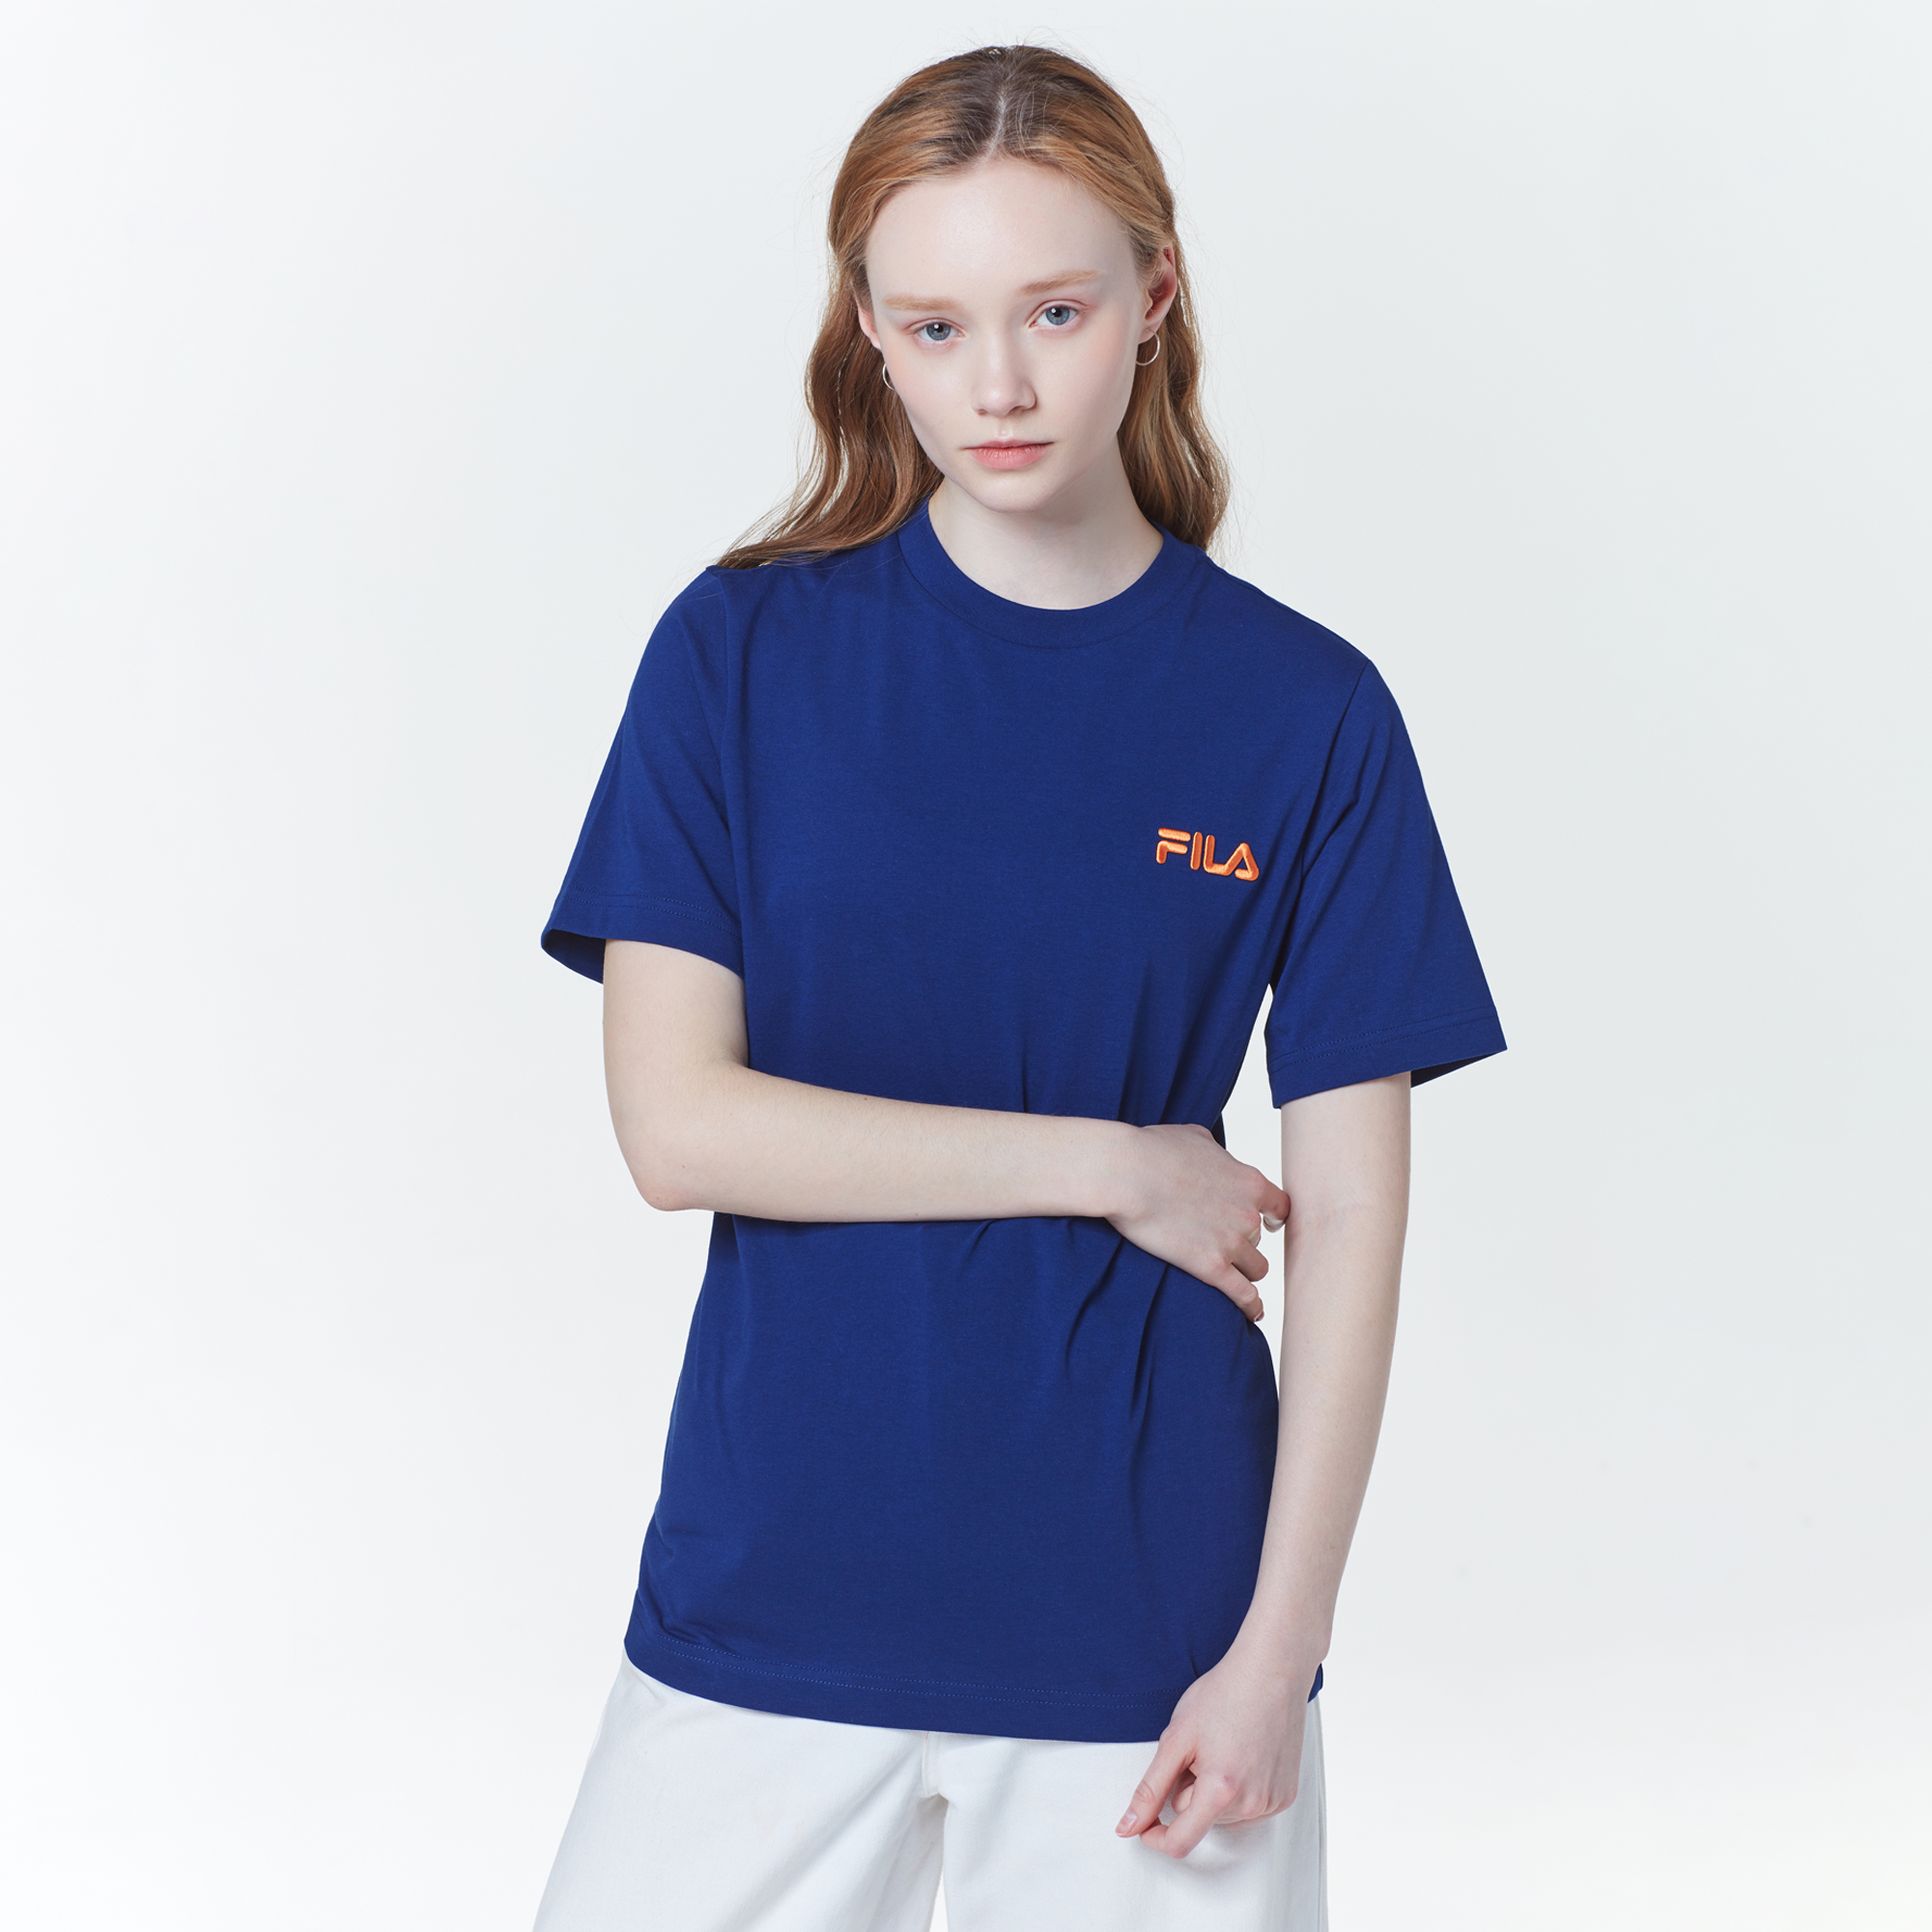 휠라 남녀공용 박스 로고 티셔츠 FS2RSC2125X